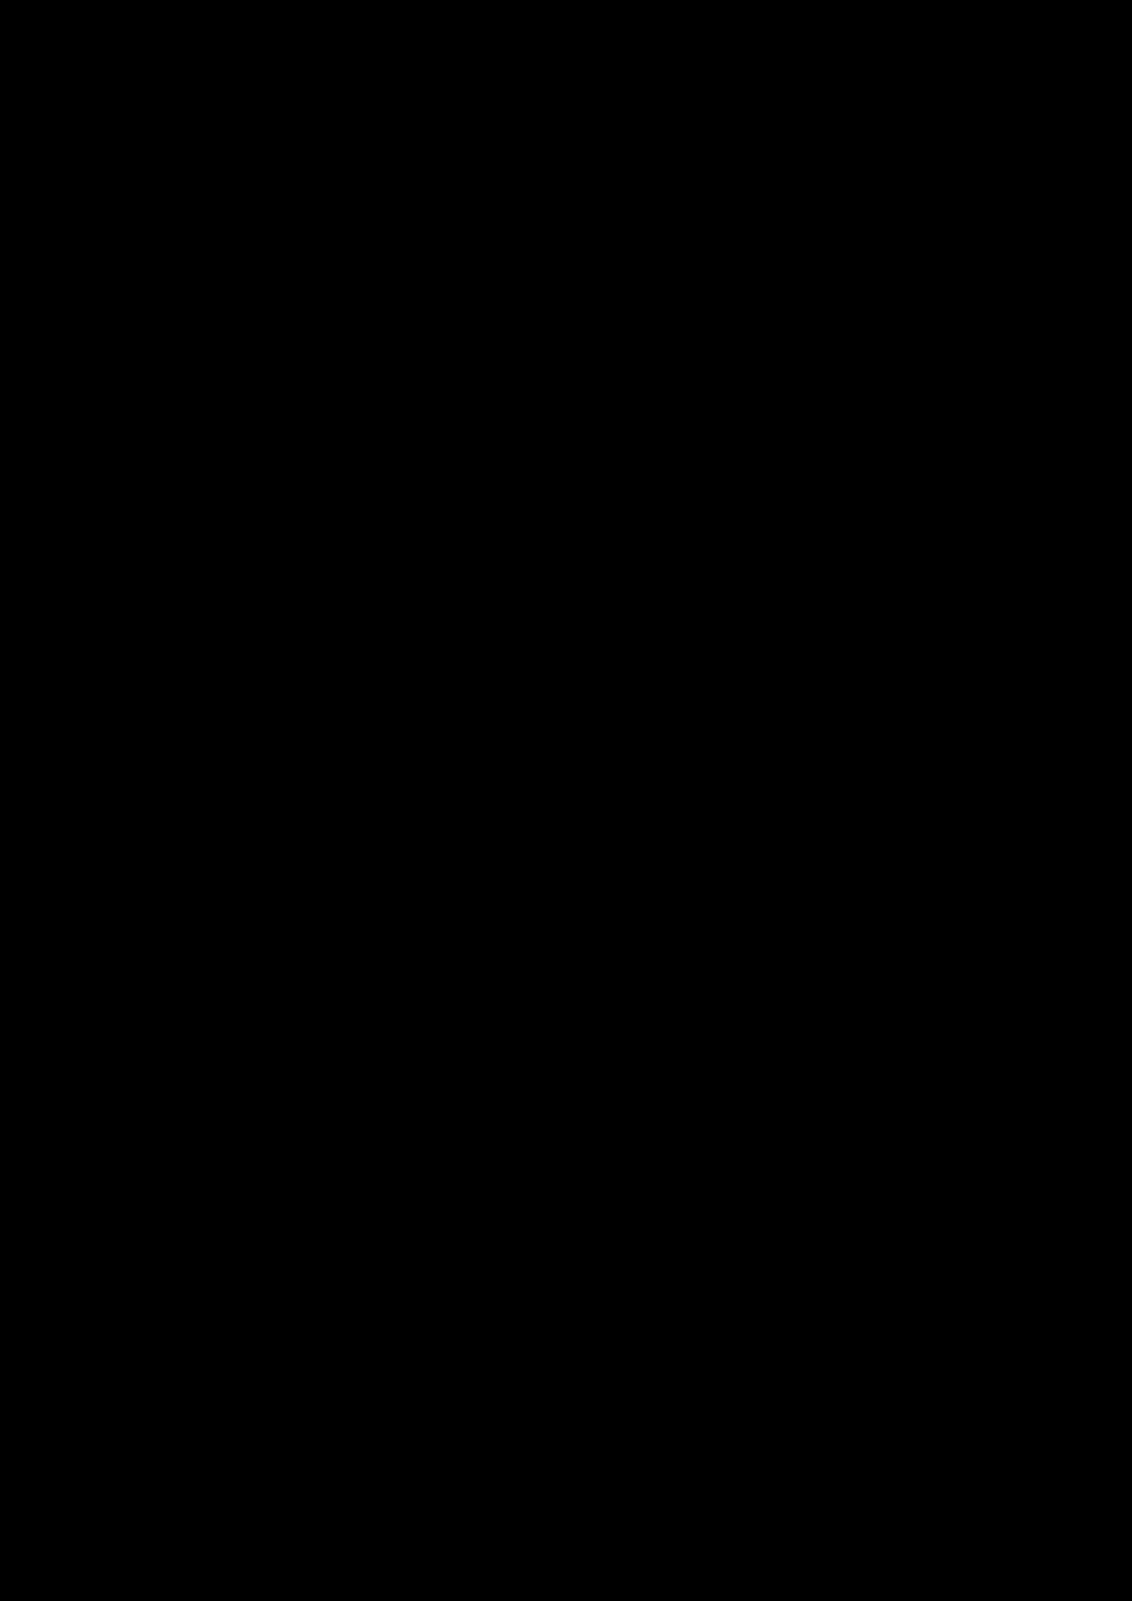 Hools slide, Image 12